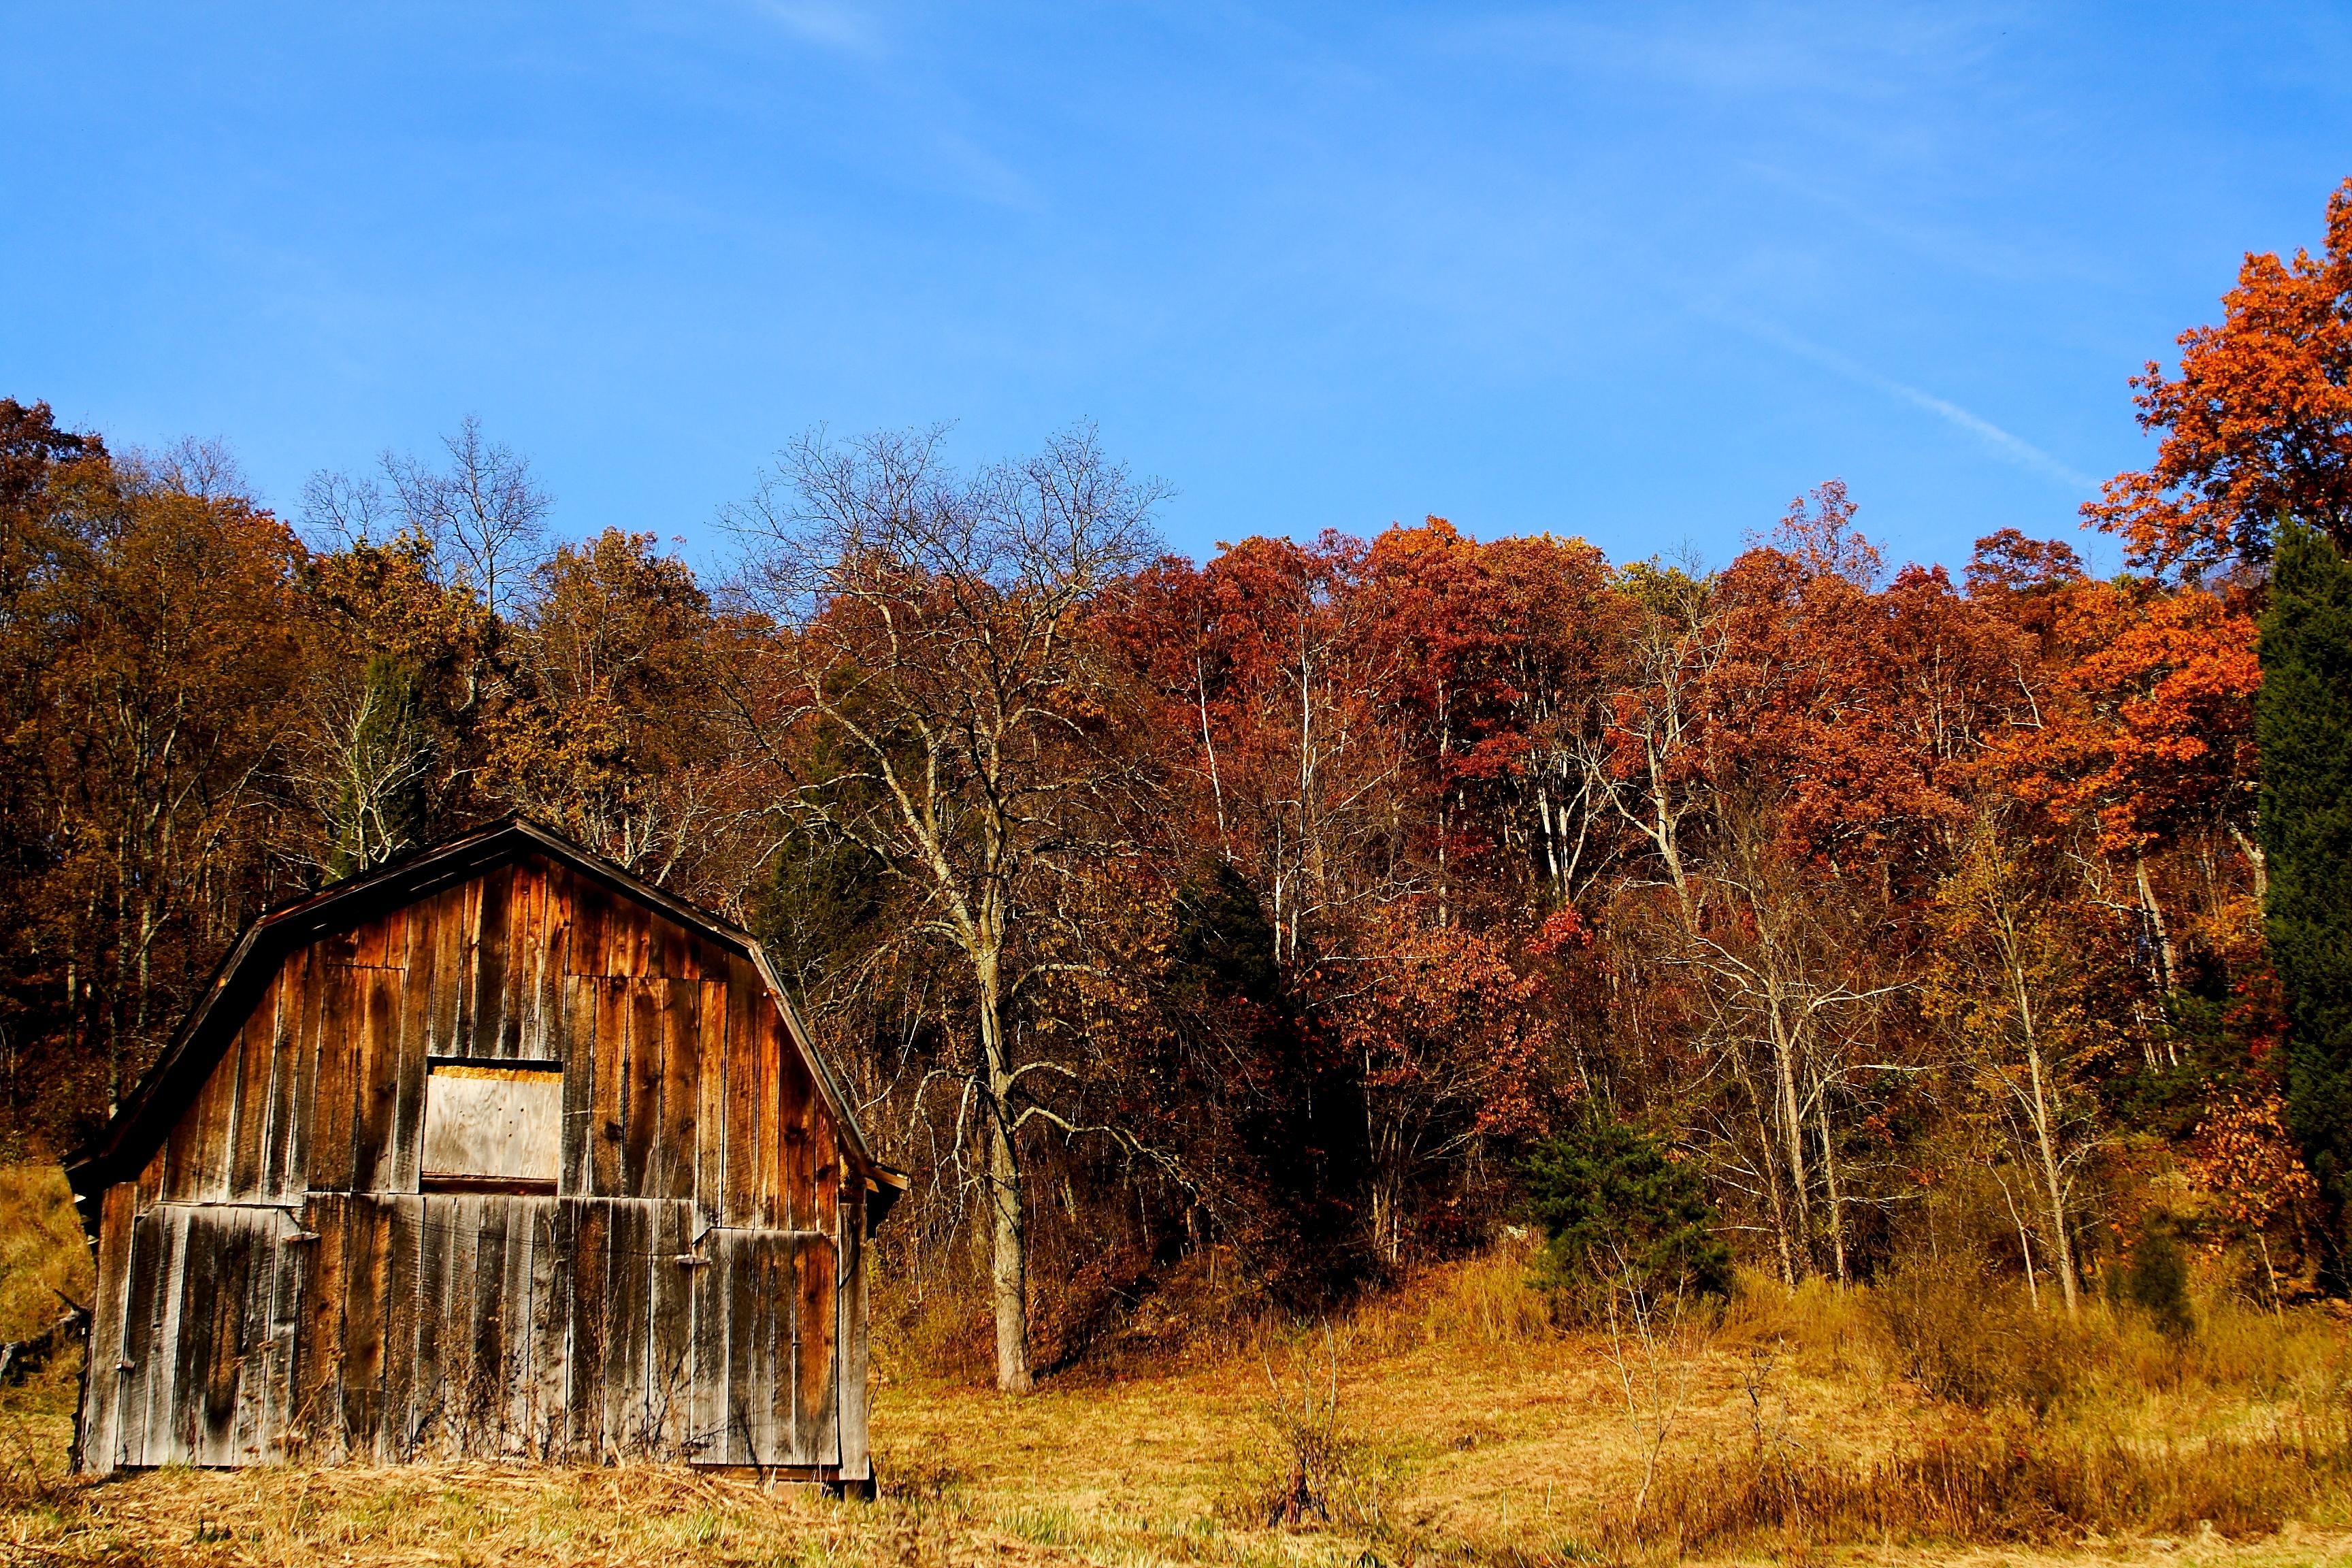 Description Autumn cou...